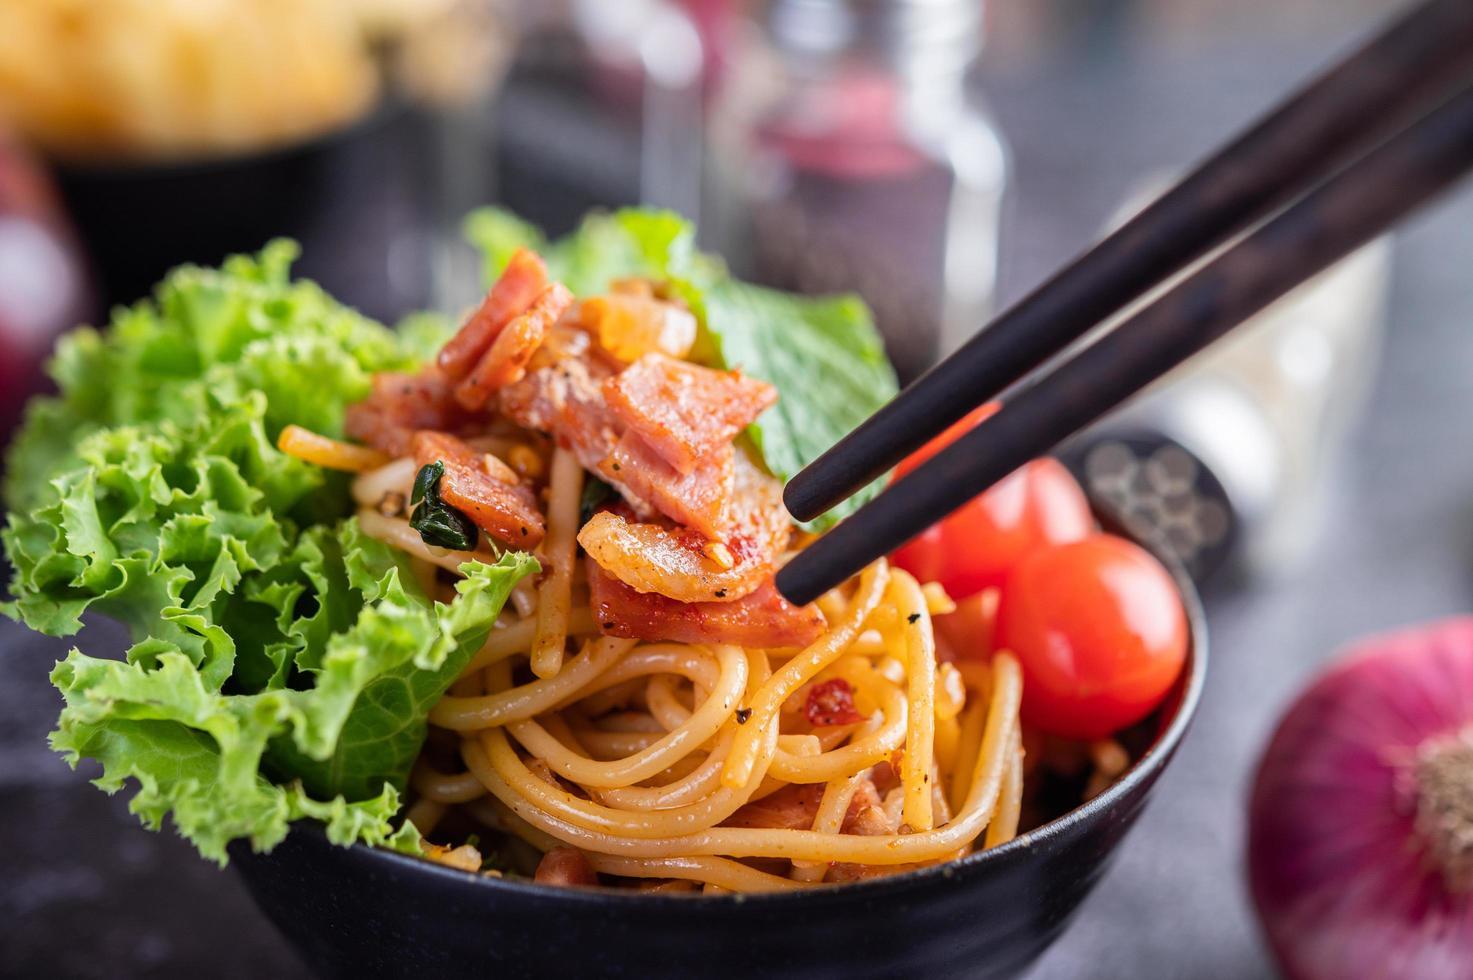 spaghetti in een zwarte kop met tomaten en sla. foto